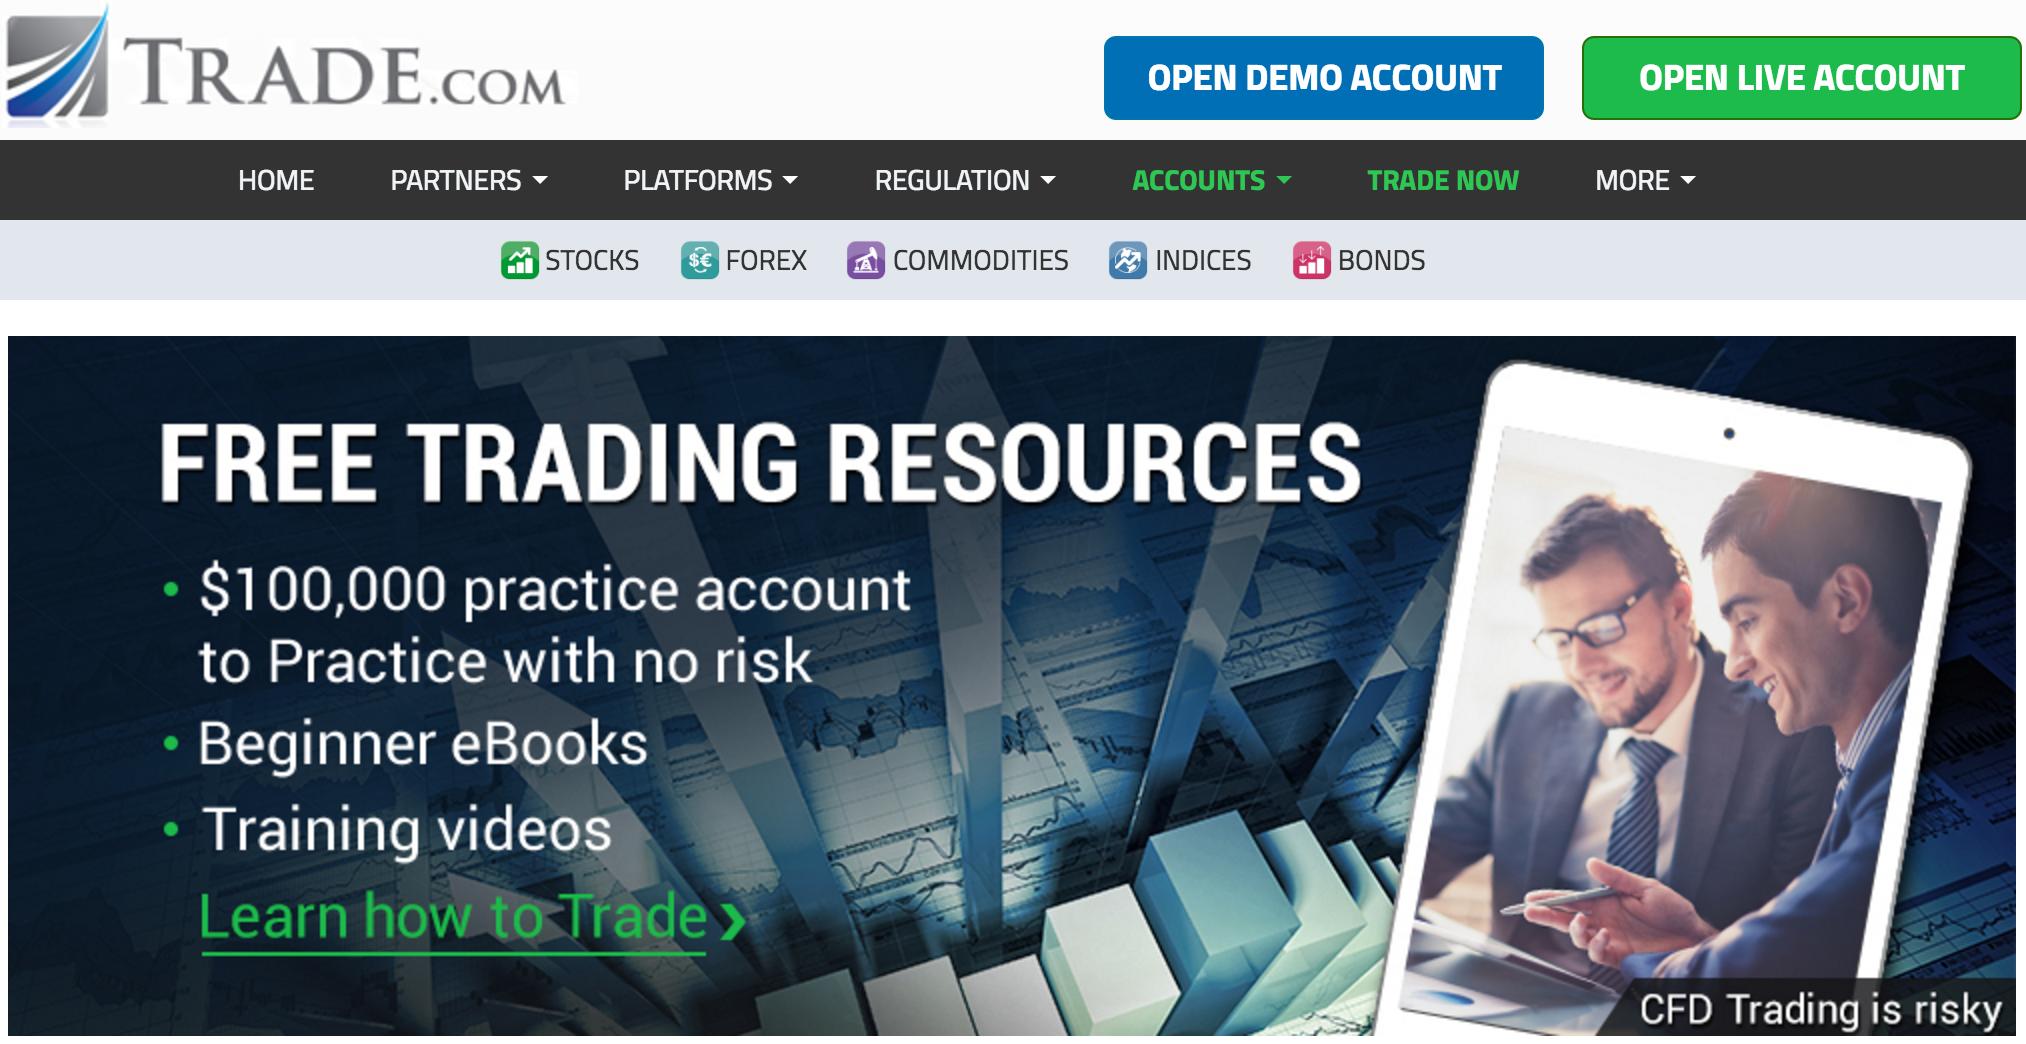 trade.com broker home